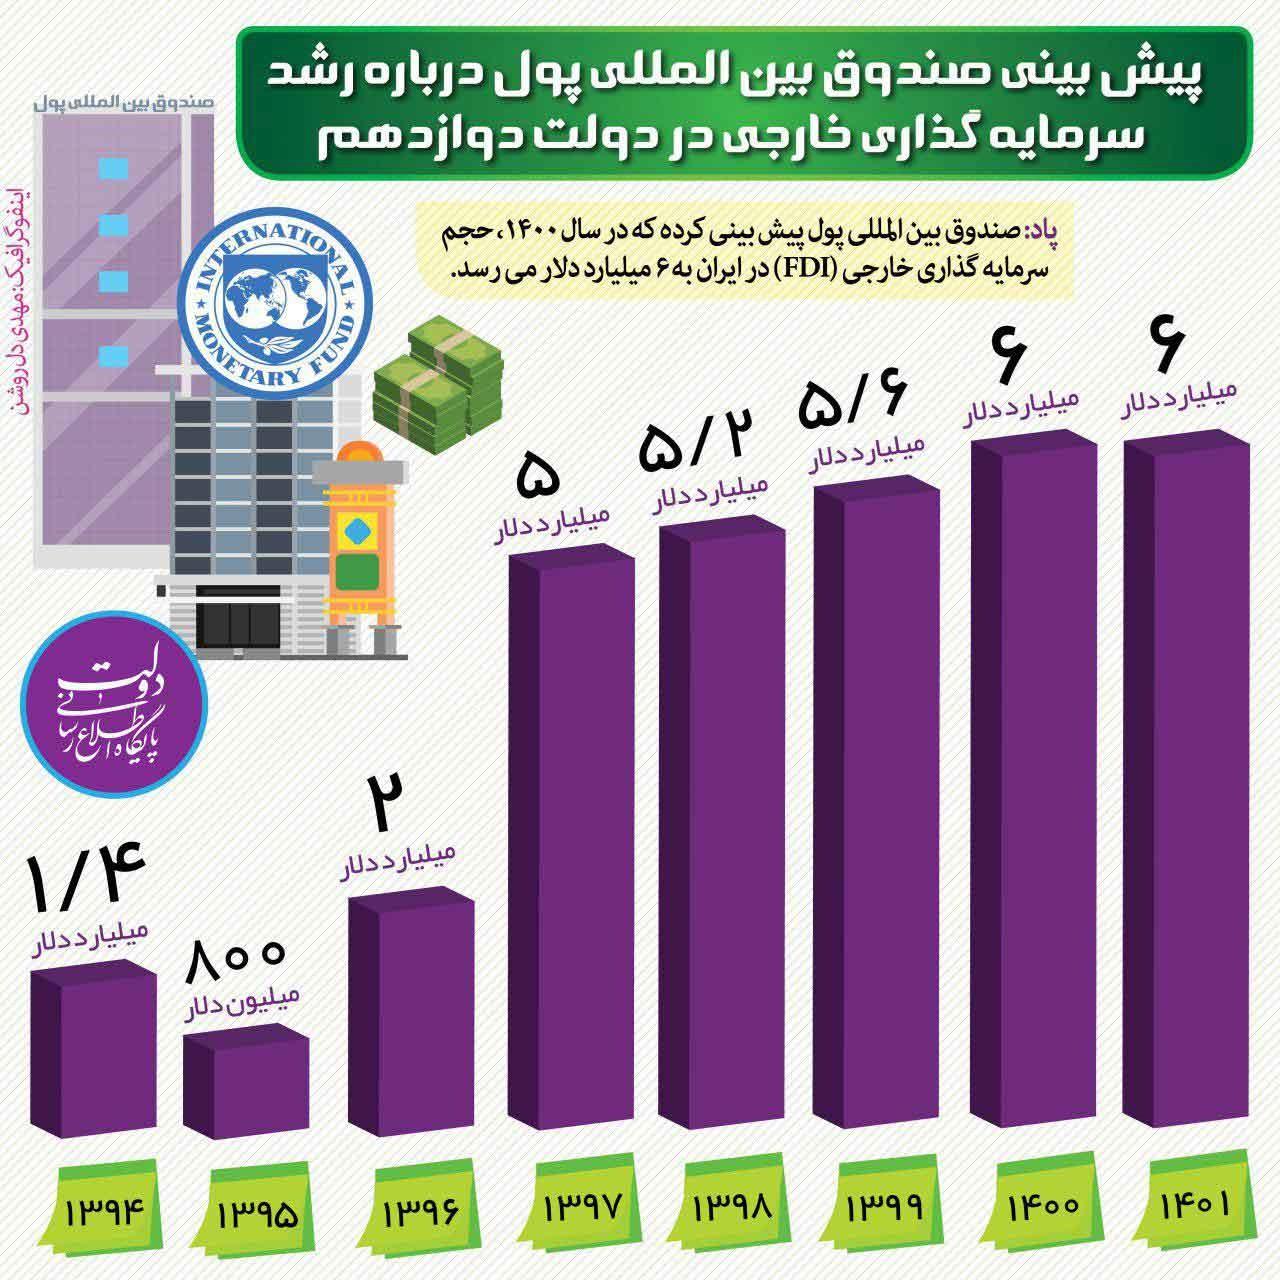 اینفوگرافیک | پیشبینی صندوق بینالمللی پول درباره رشد سرمایهگذاری خارجی در دولت دوازدهم